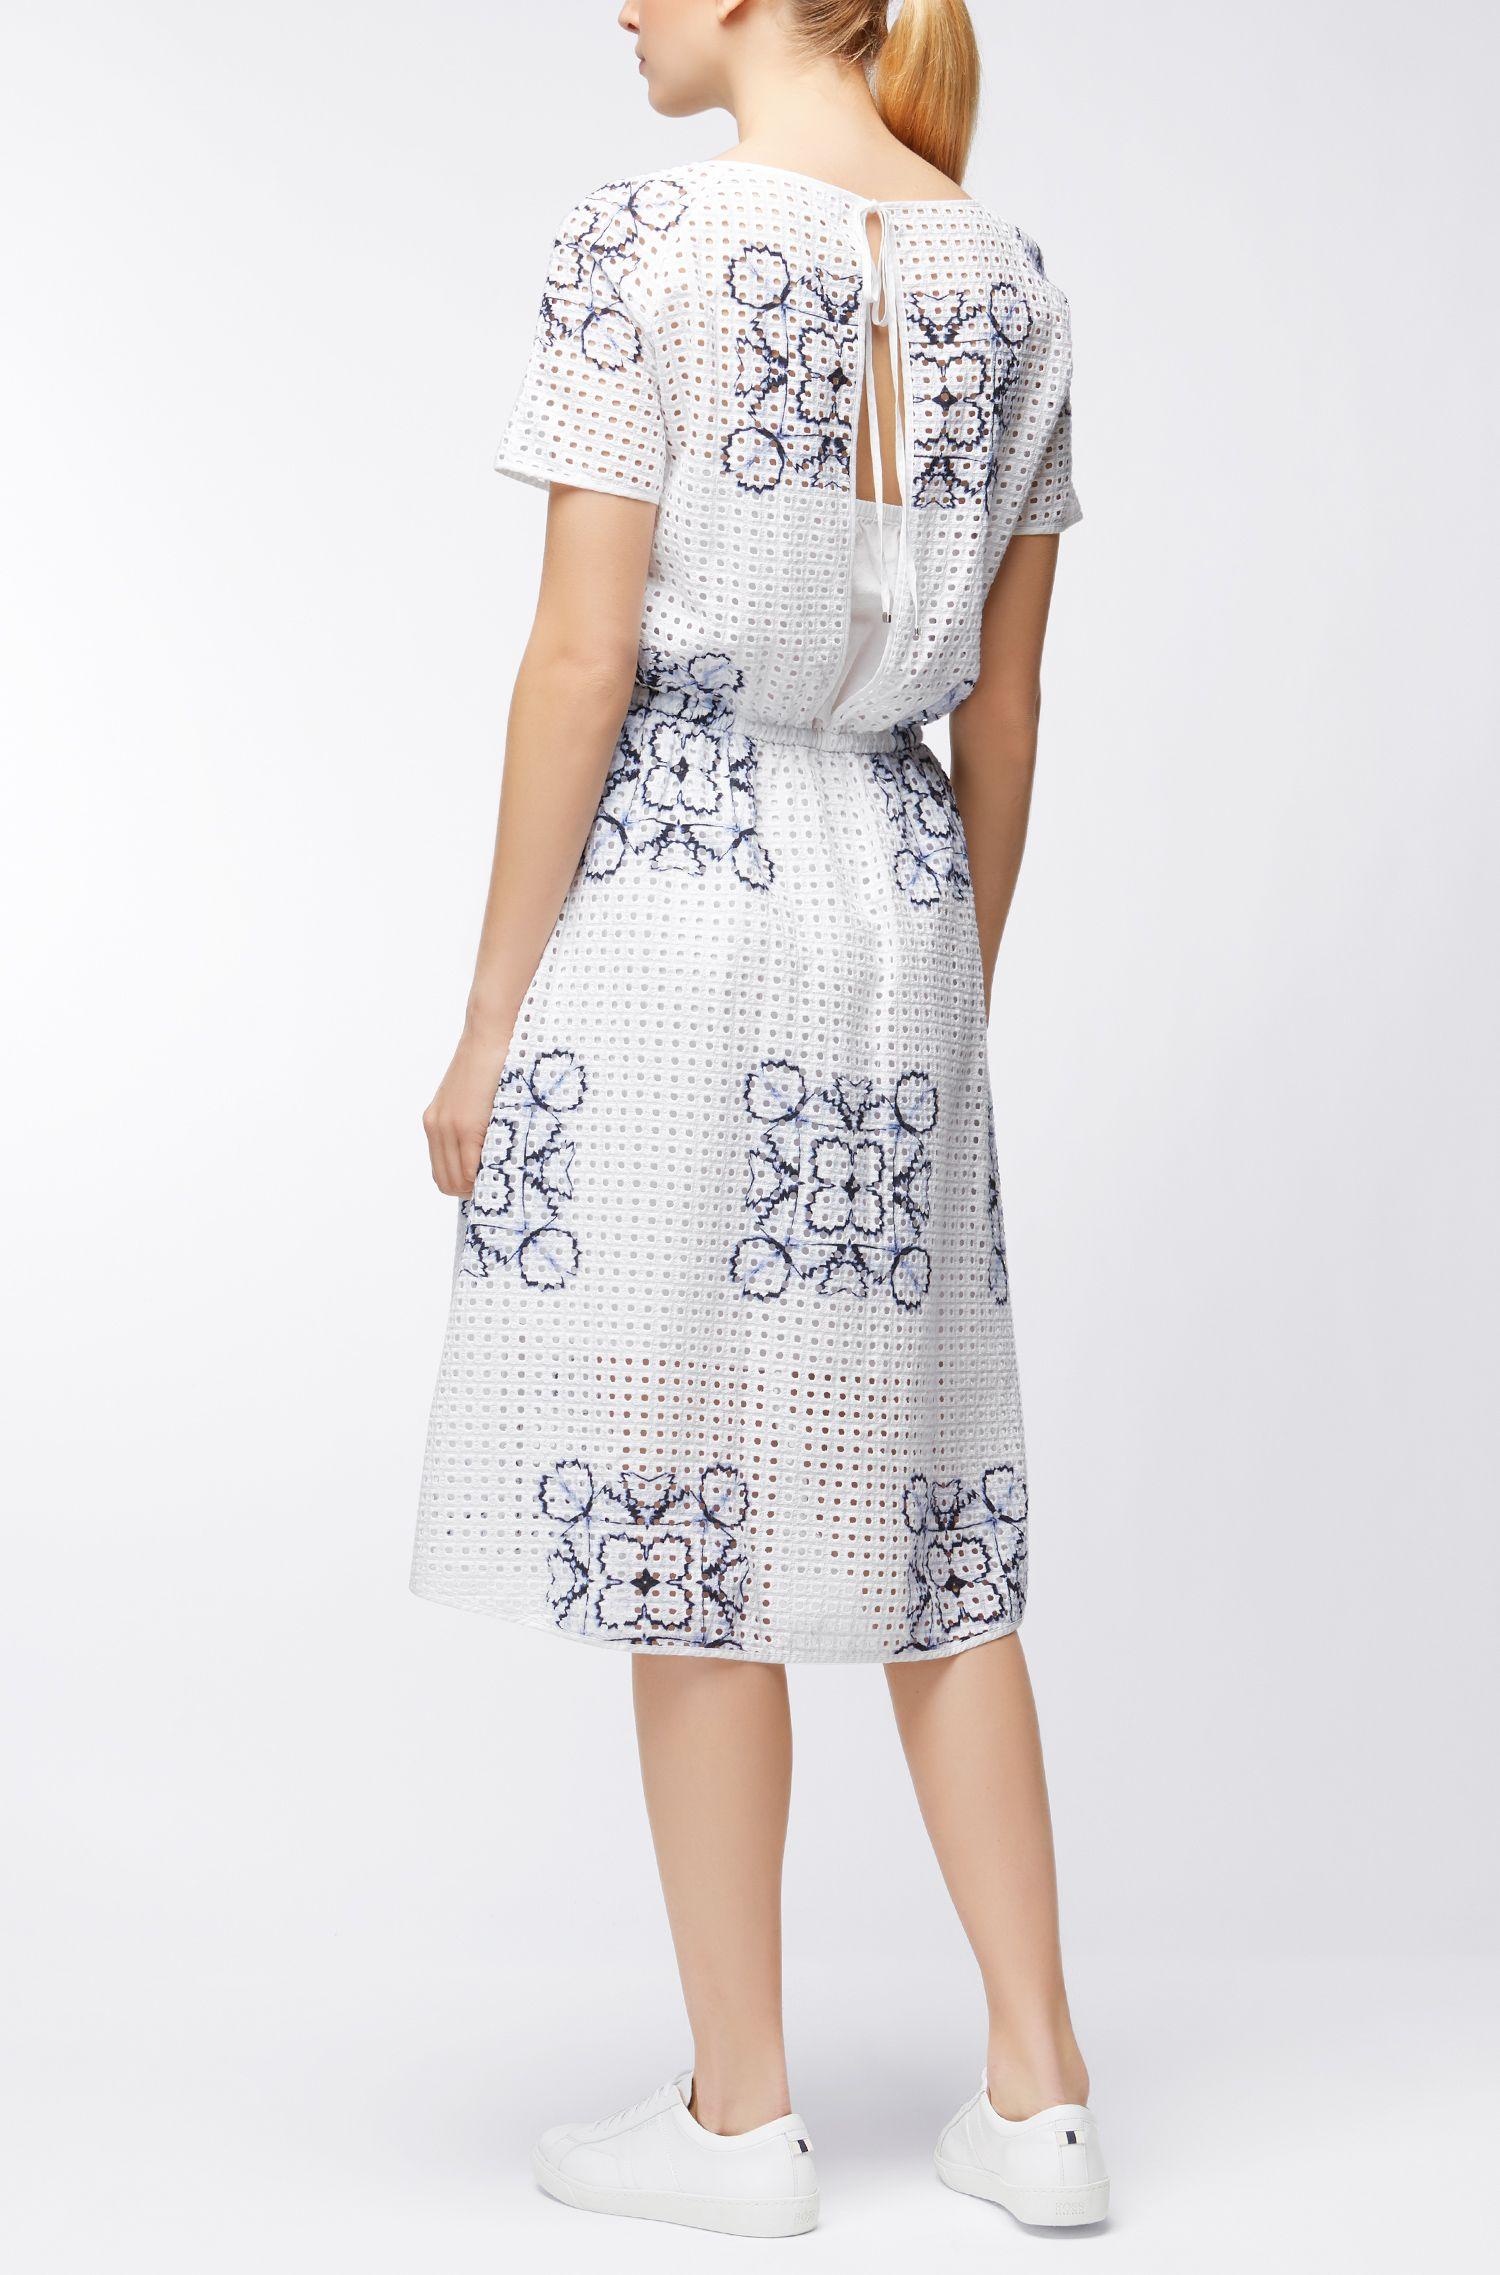 Gebloemde jurk van katoen in broderie anglaise